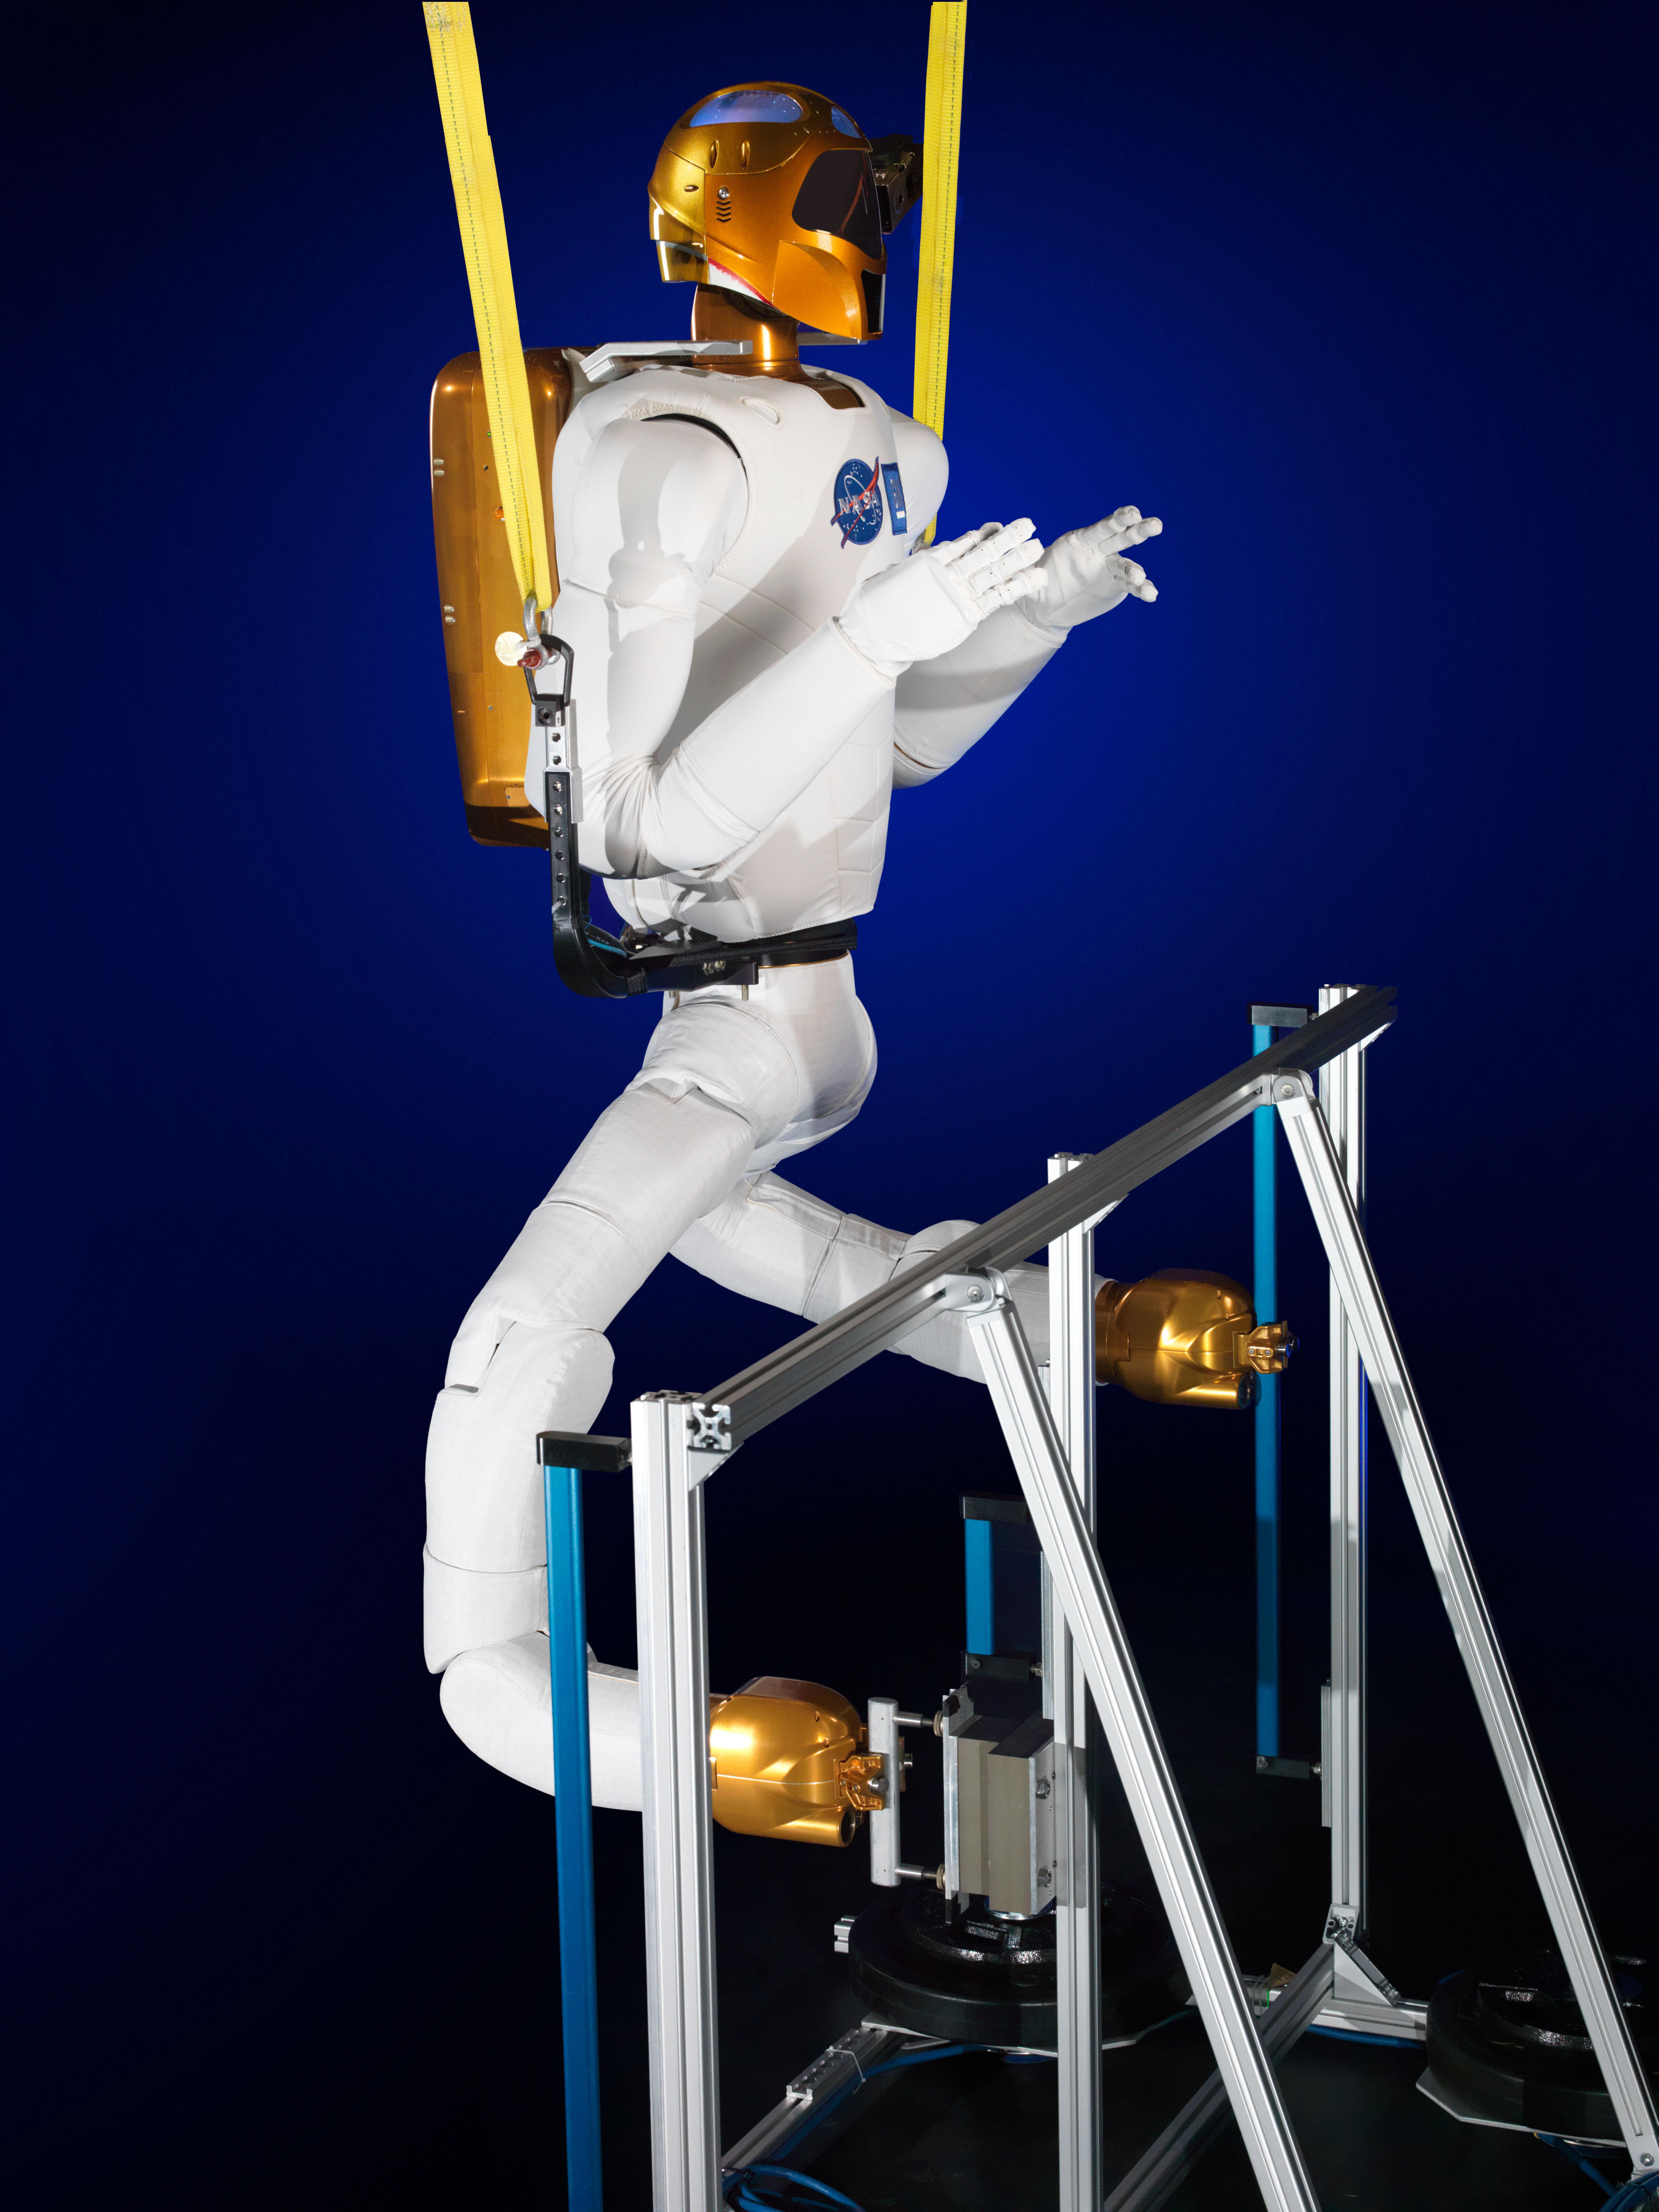 Robonaut 2: Mobility in Zero Gravity